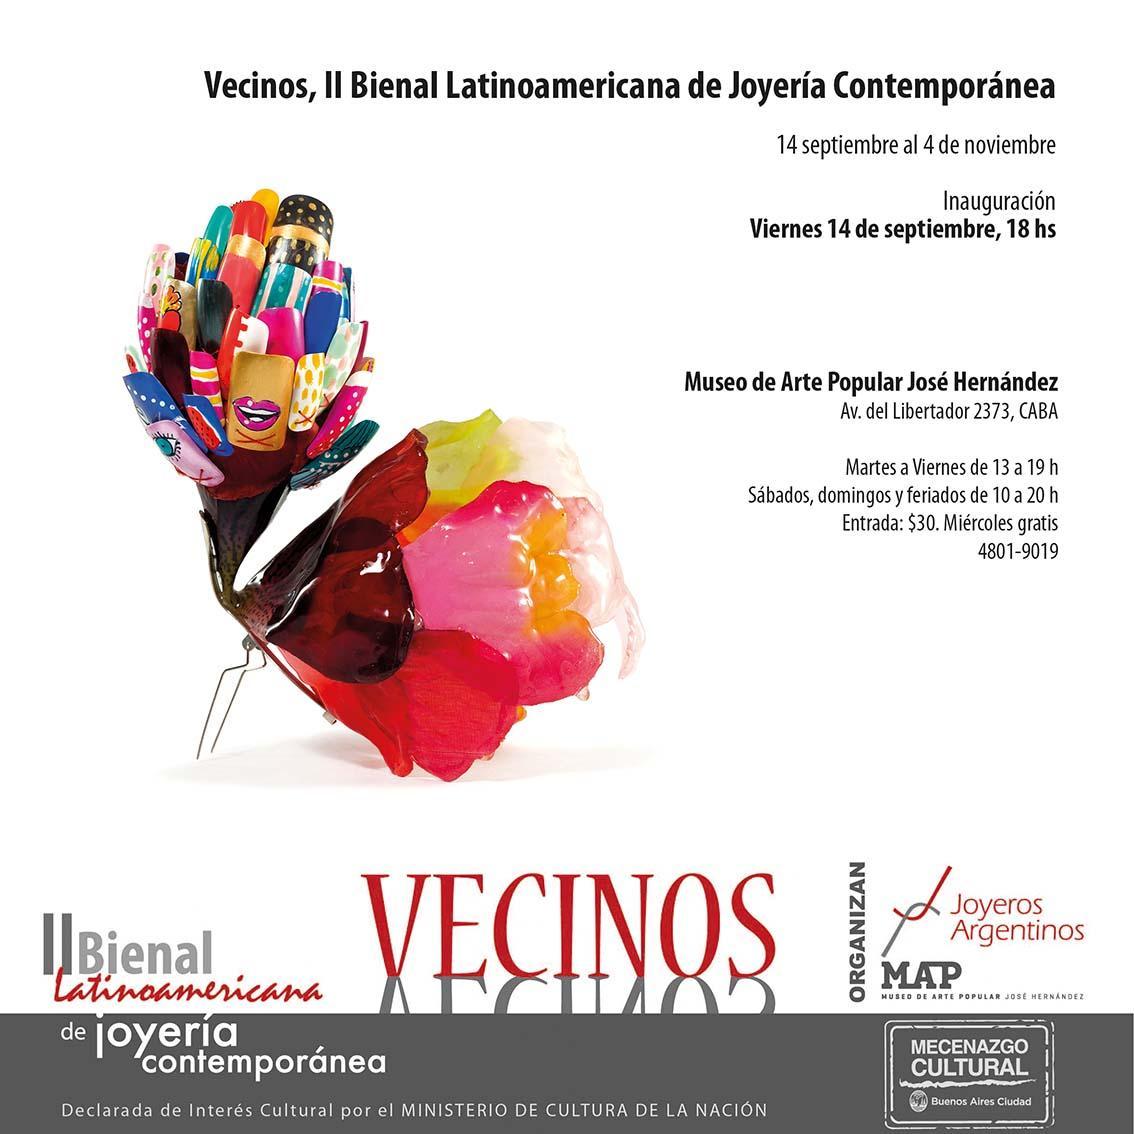 II Bienal Latinoamericana de Joyería